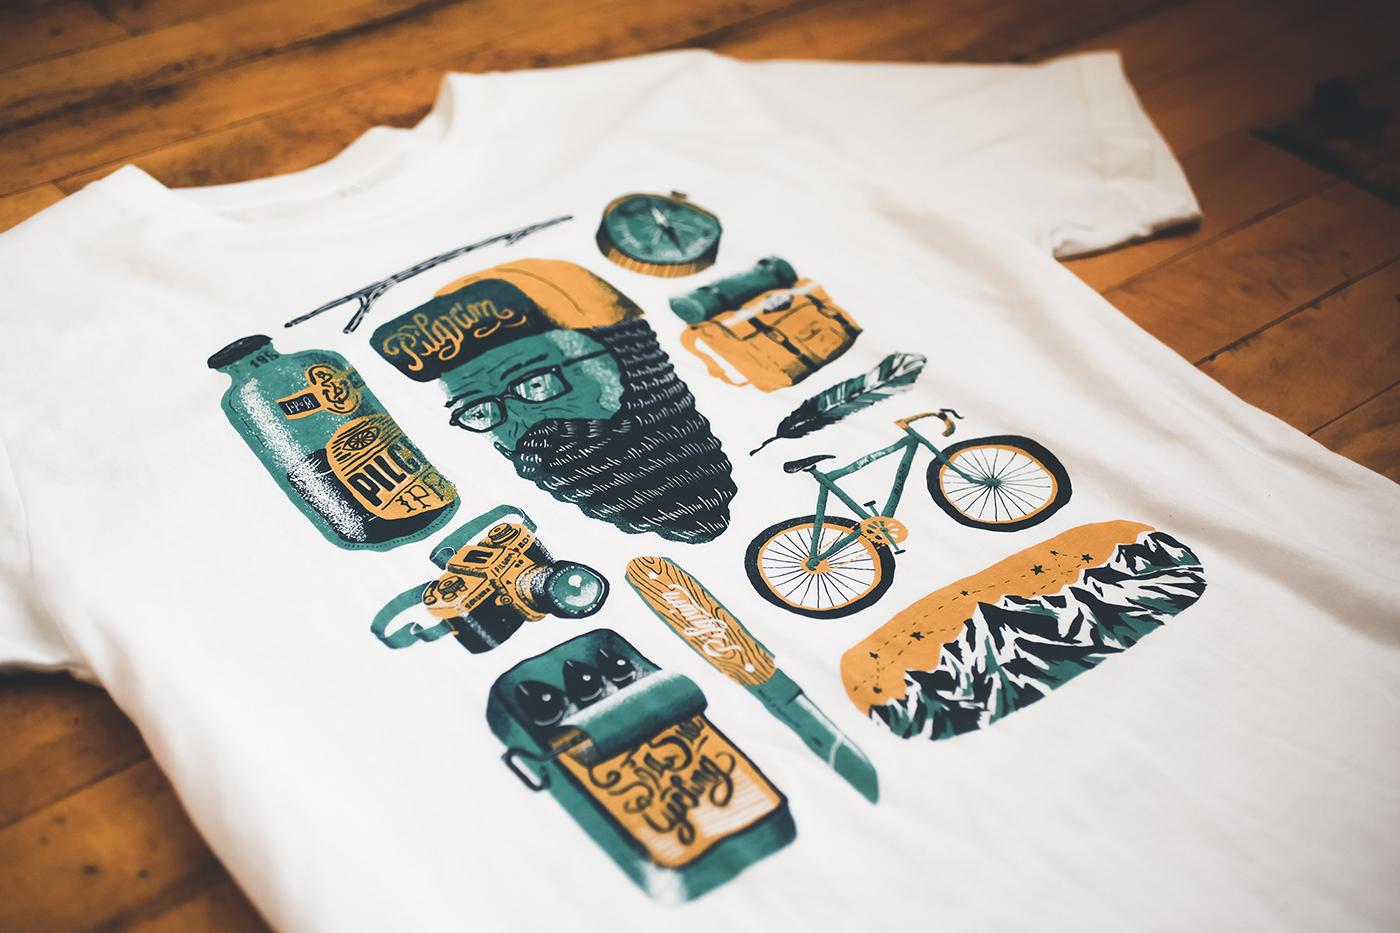 RGB.vn_Pilgrim Cycling - Alan Berry Rhys